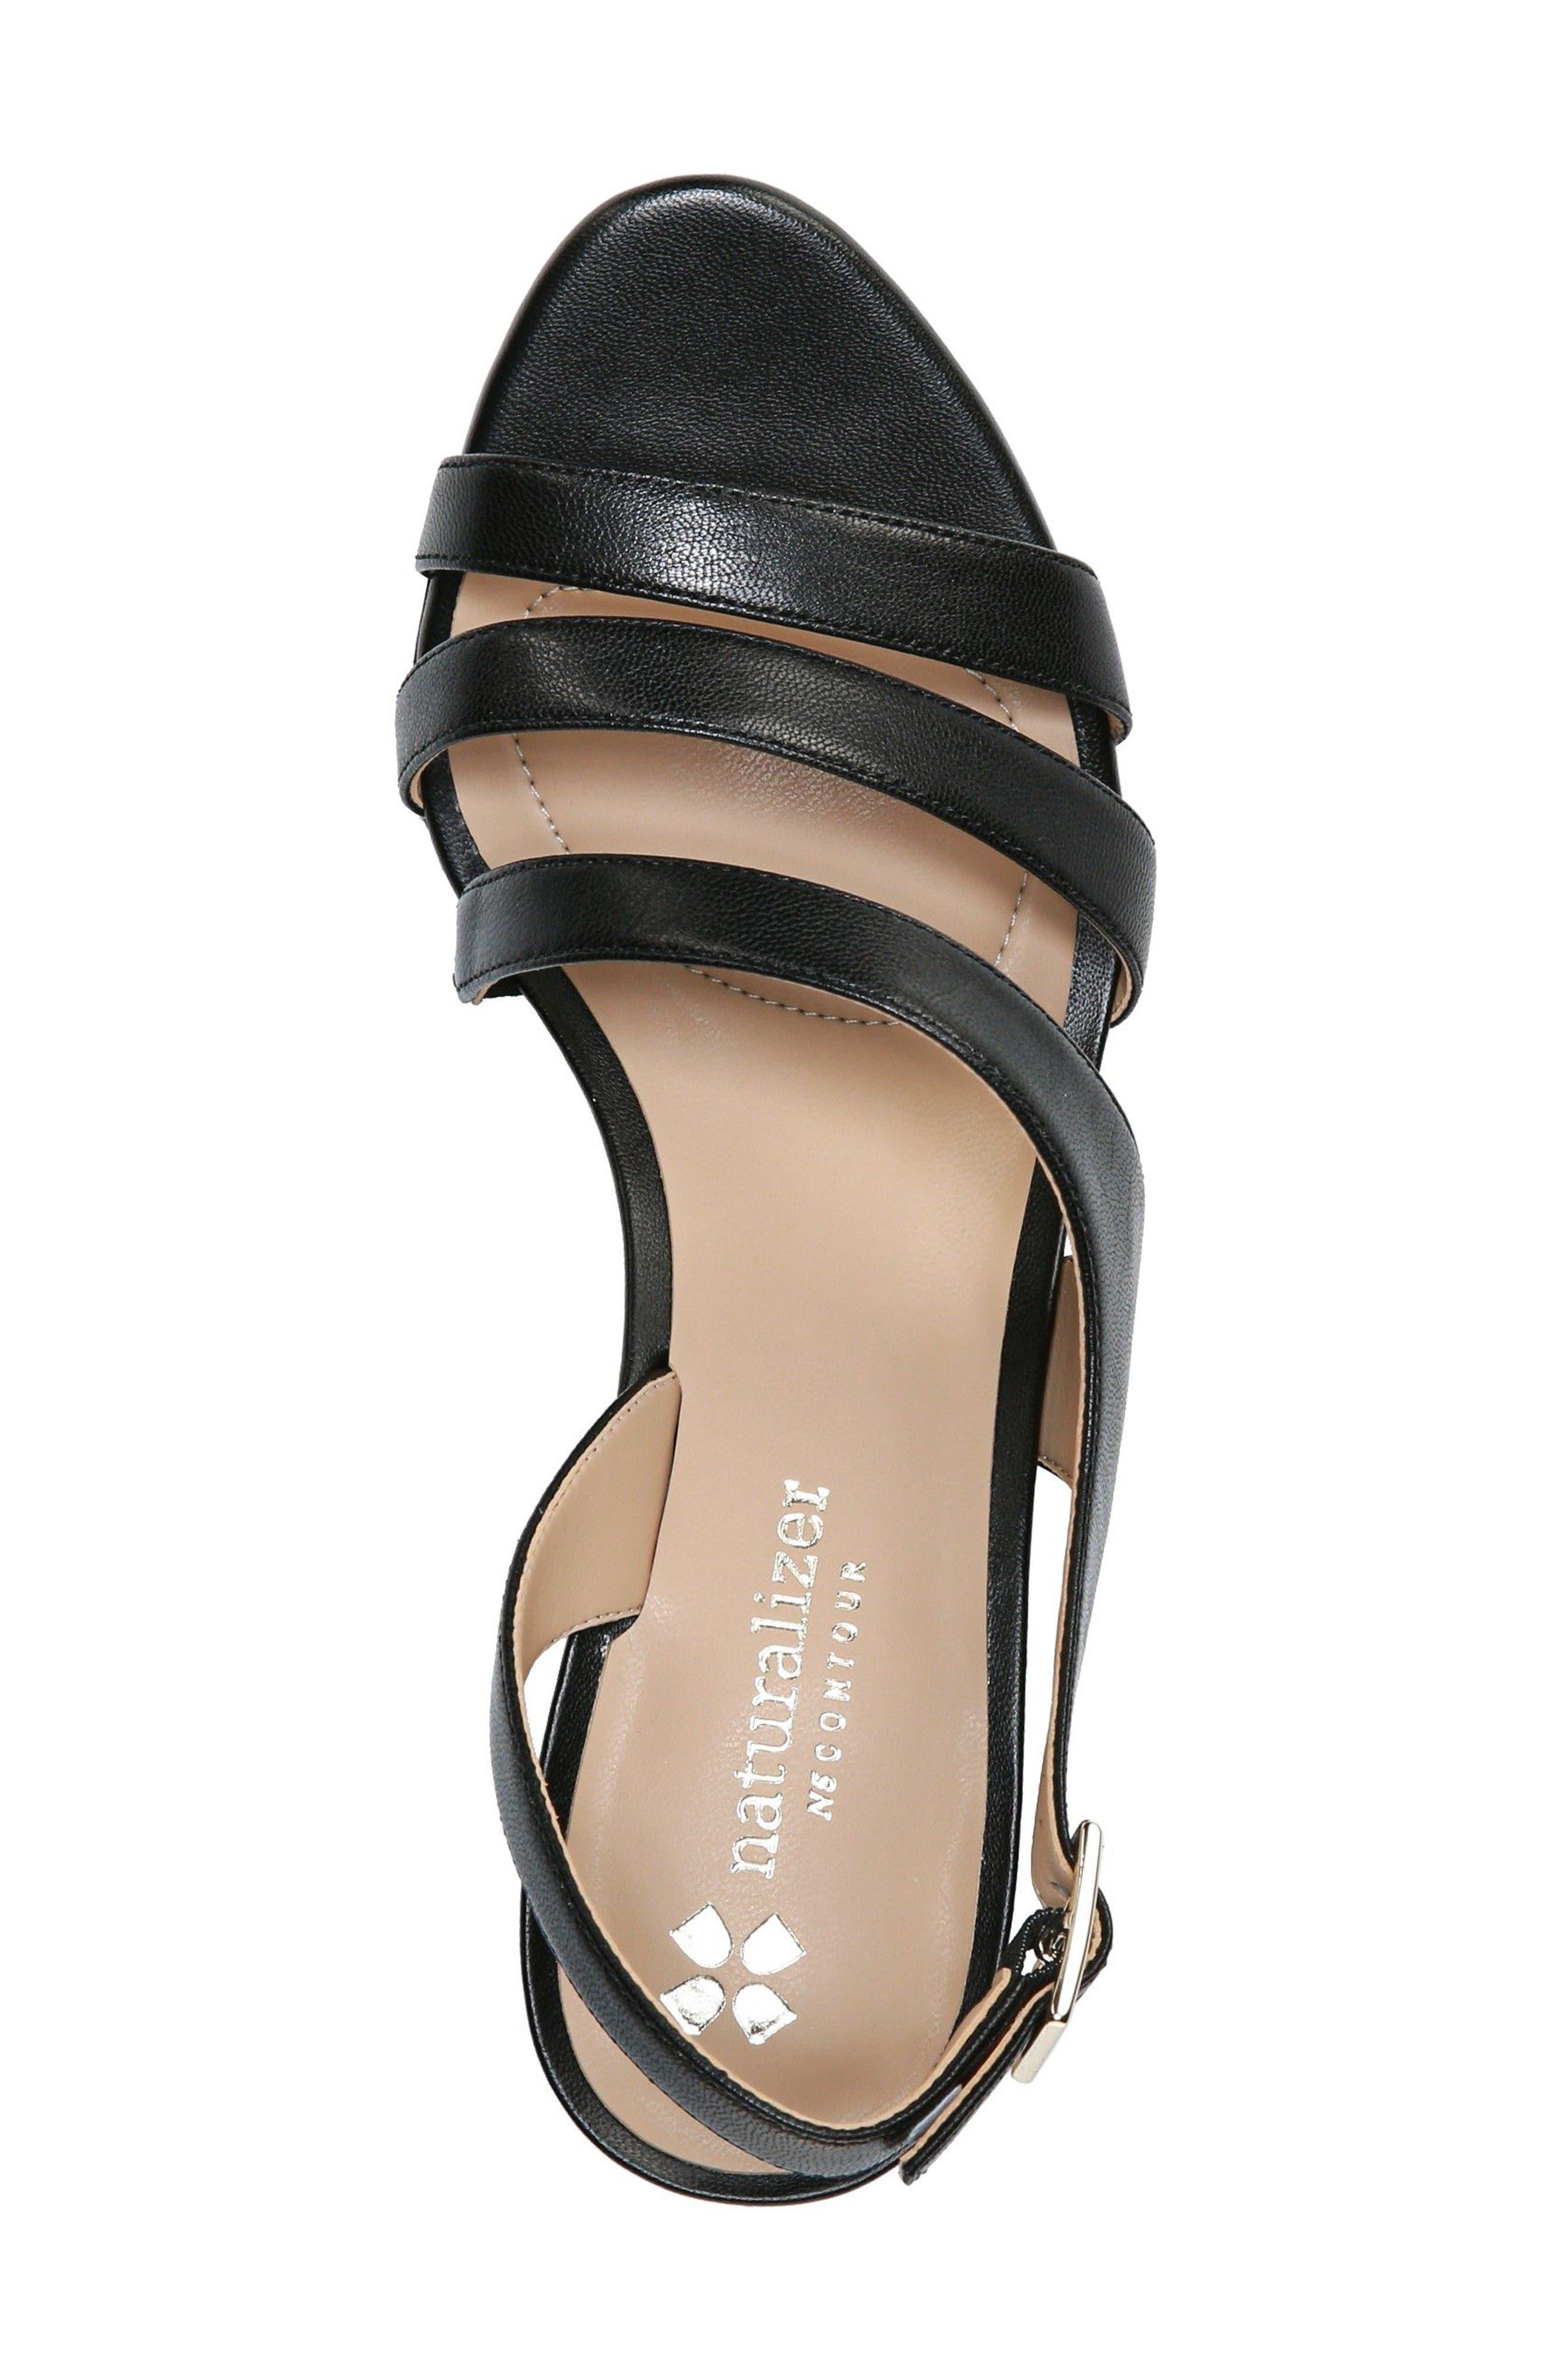 Taimi Sandal,                             Alternate thumbnail 2, color,                             Black Leather